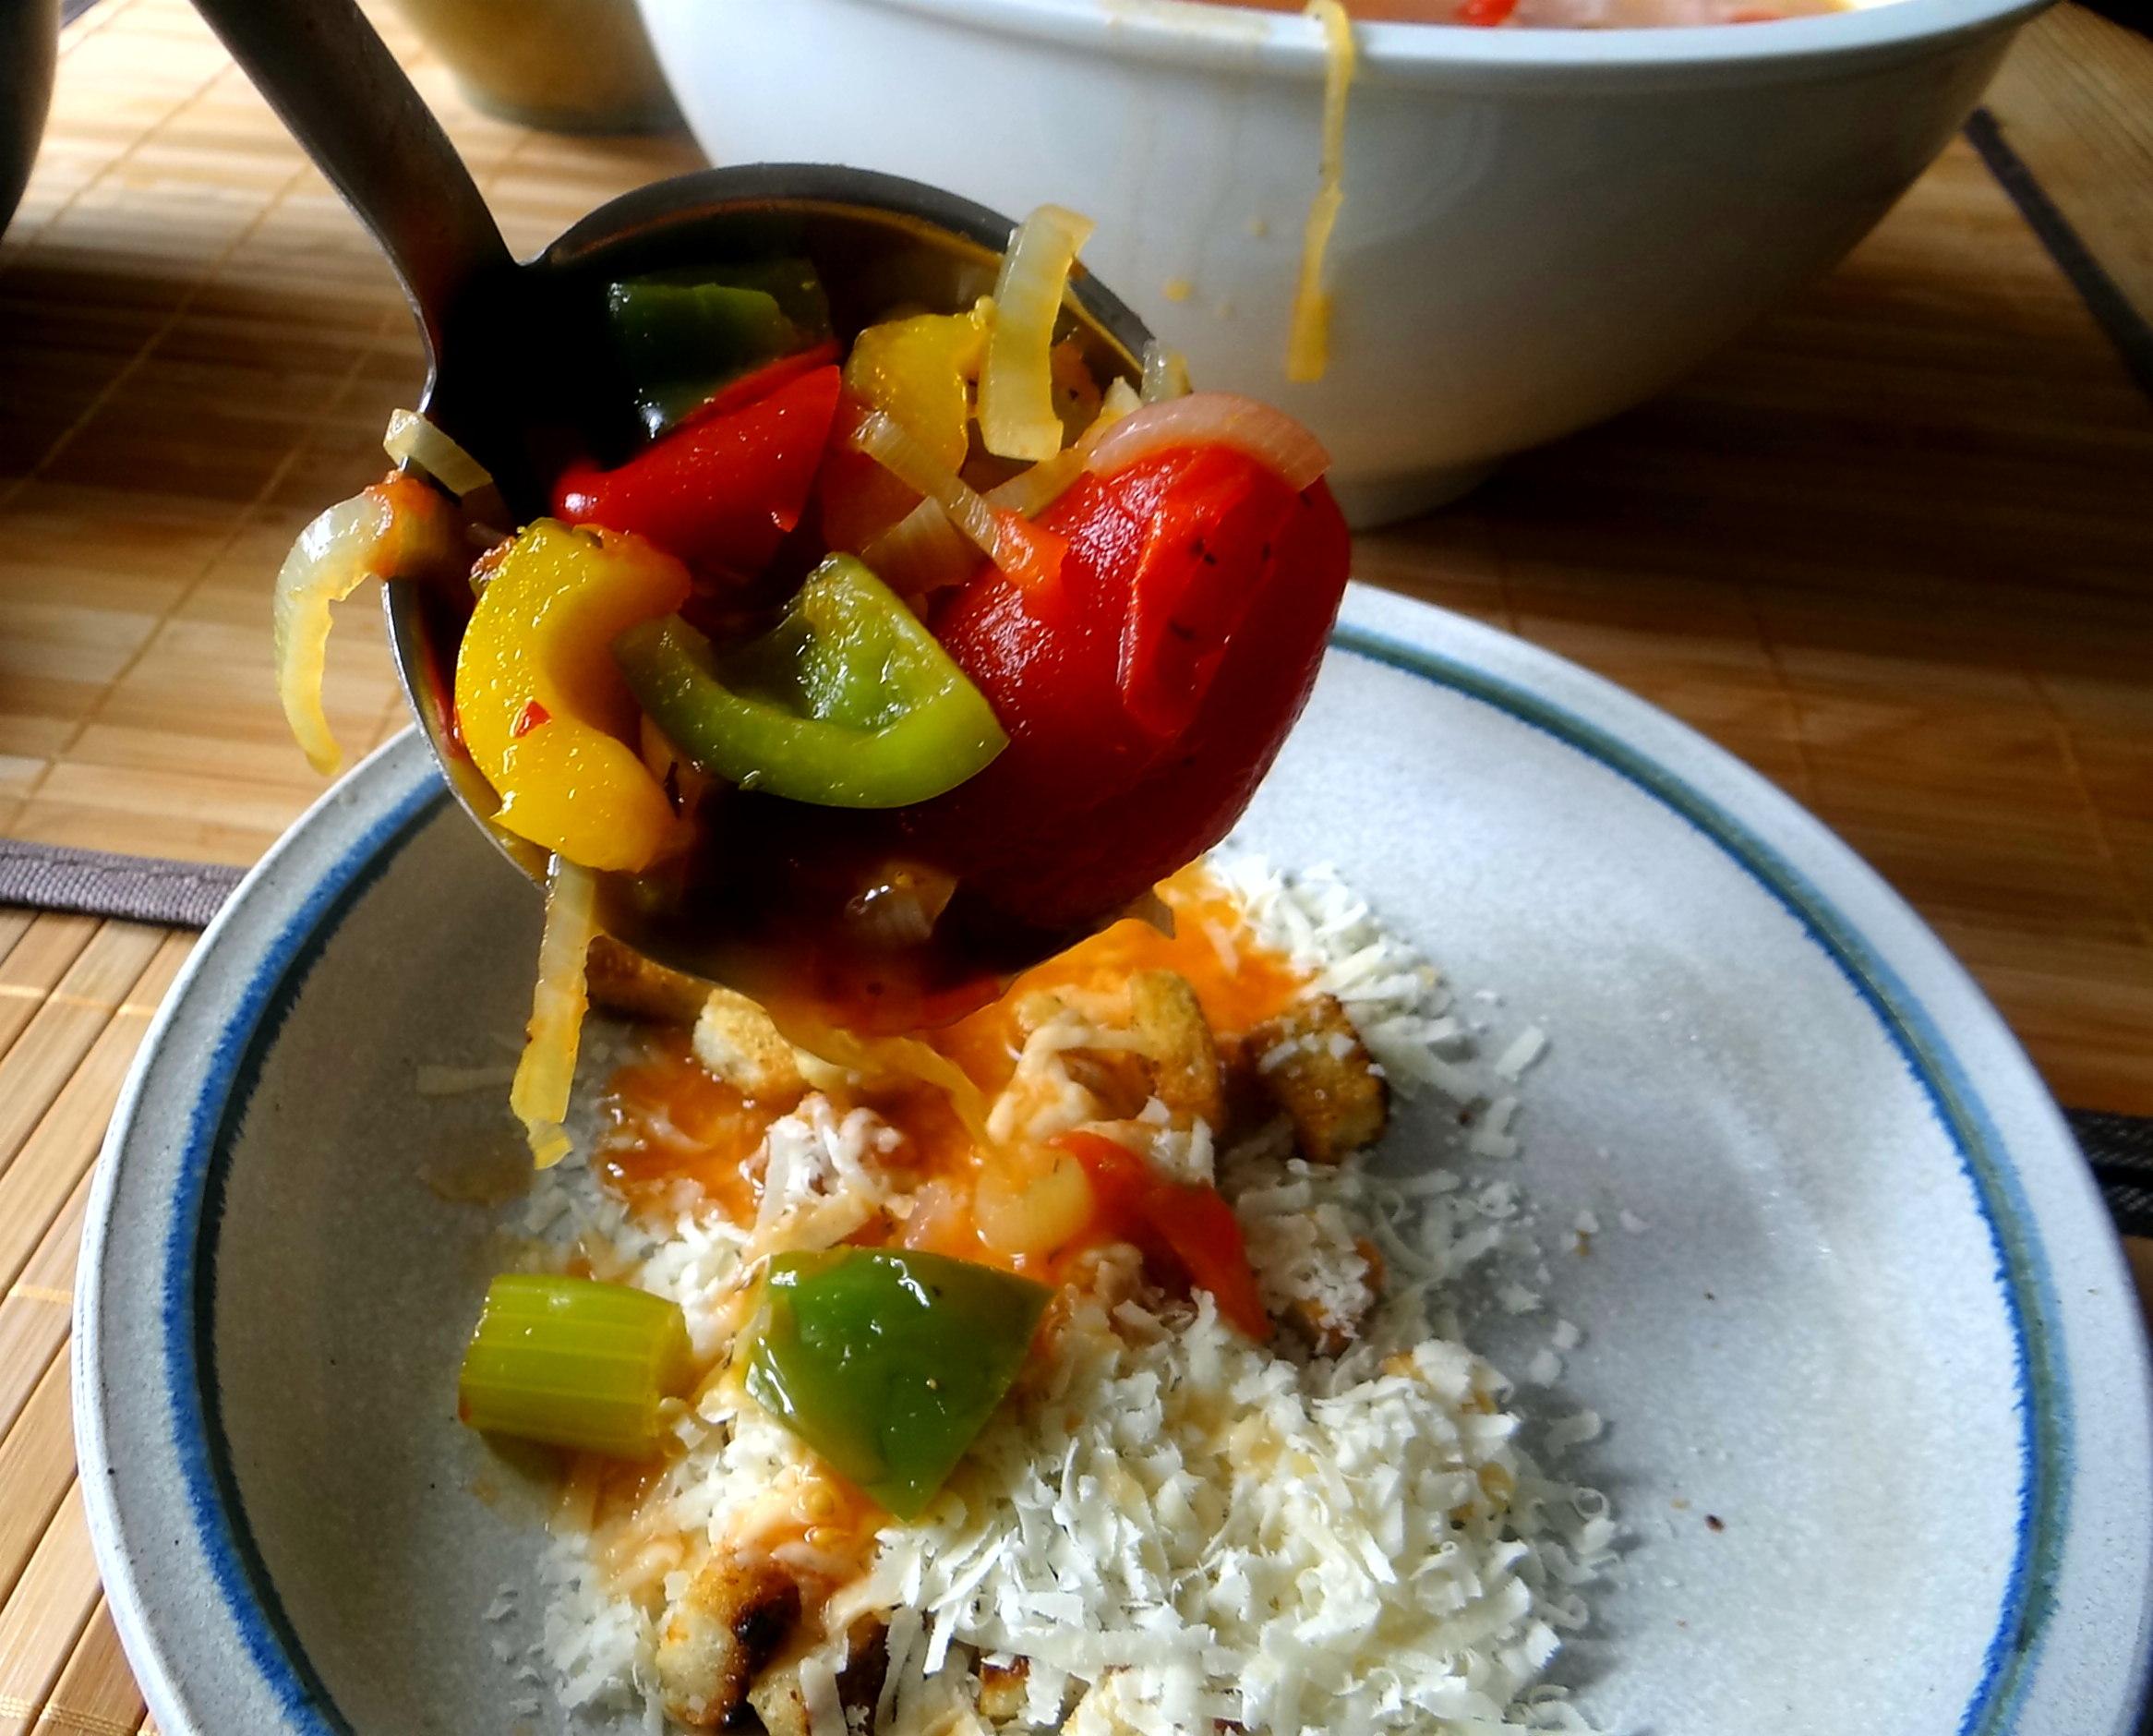 Minestra mit Bleichsellerie un Paprika,Obstsalat,vegetarisch (2)